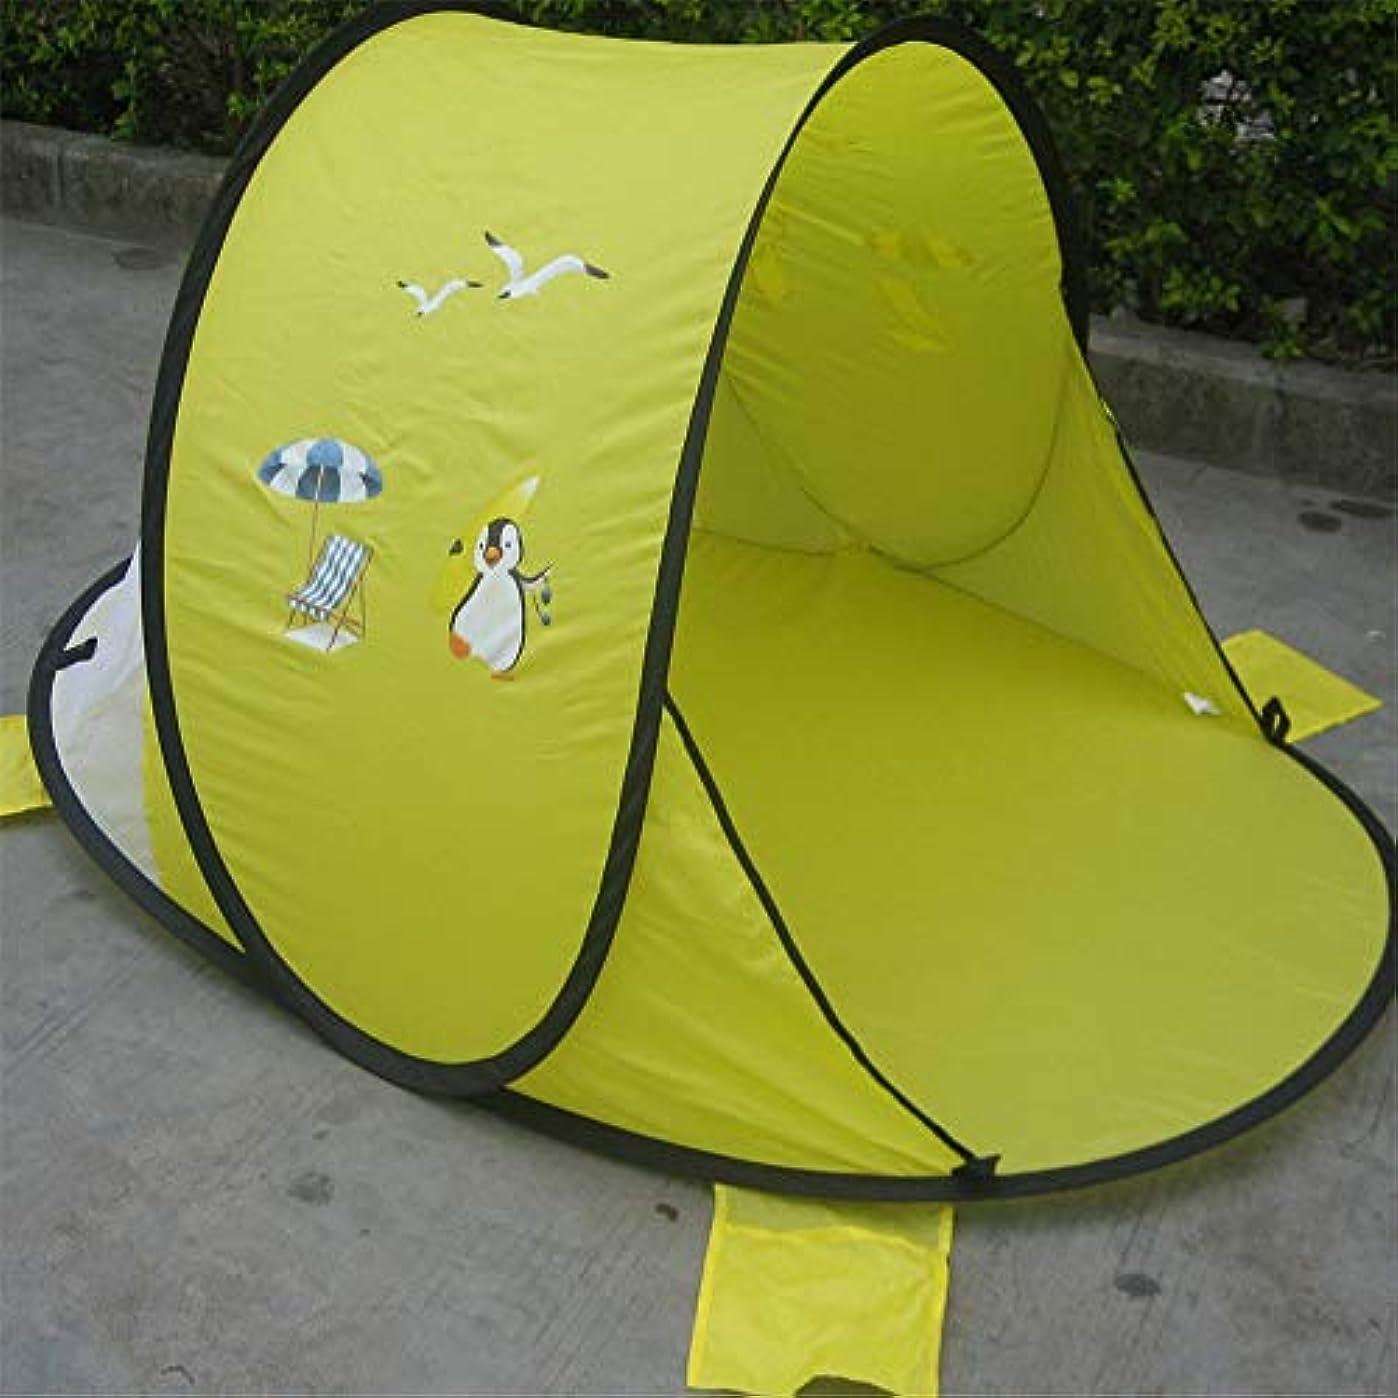 ディスコ無秩序予備屋外自動テントuv保護子供のビーチテントスピードオープンシェードテント165×120×80センチメートル